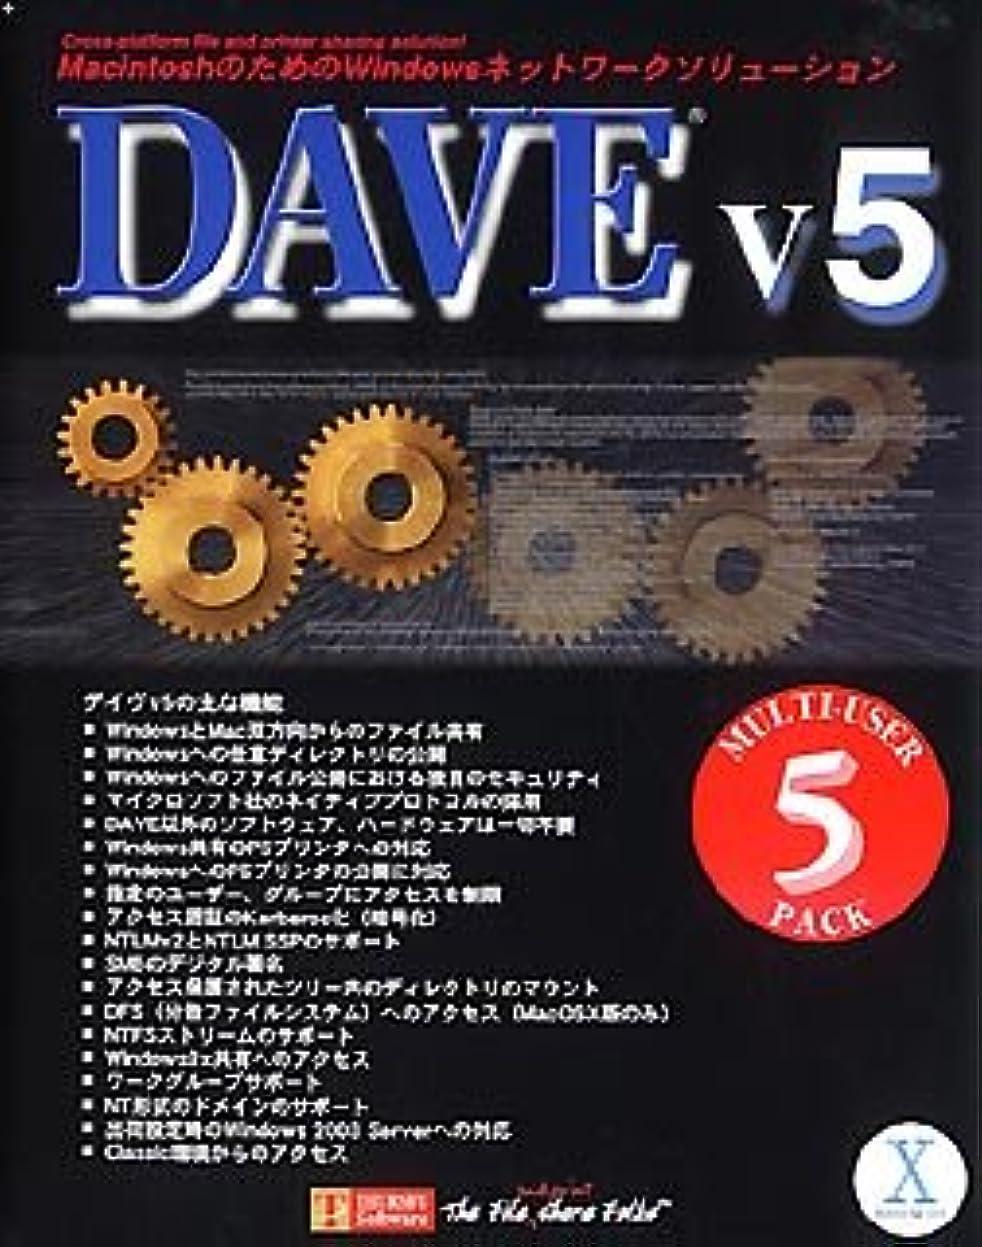 ロマンチックヘルメットファブリックDAVE v5 5Pack